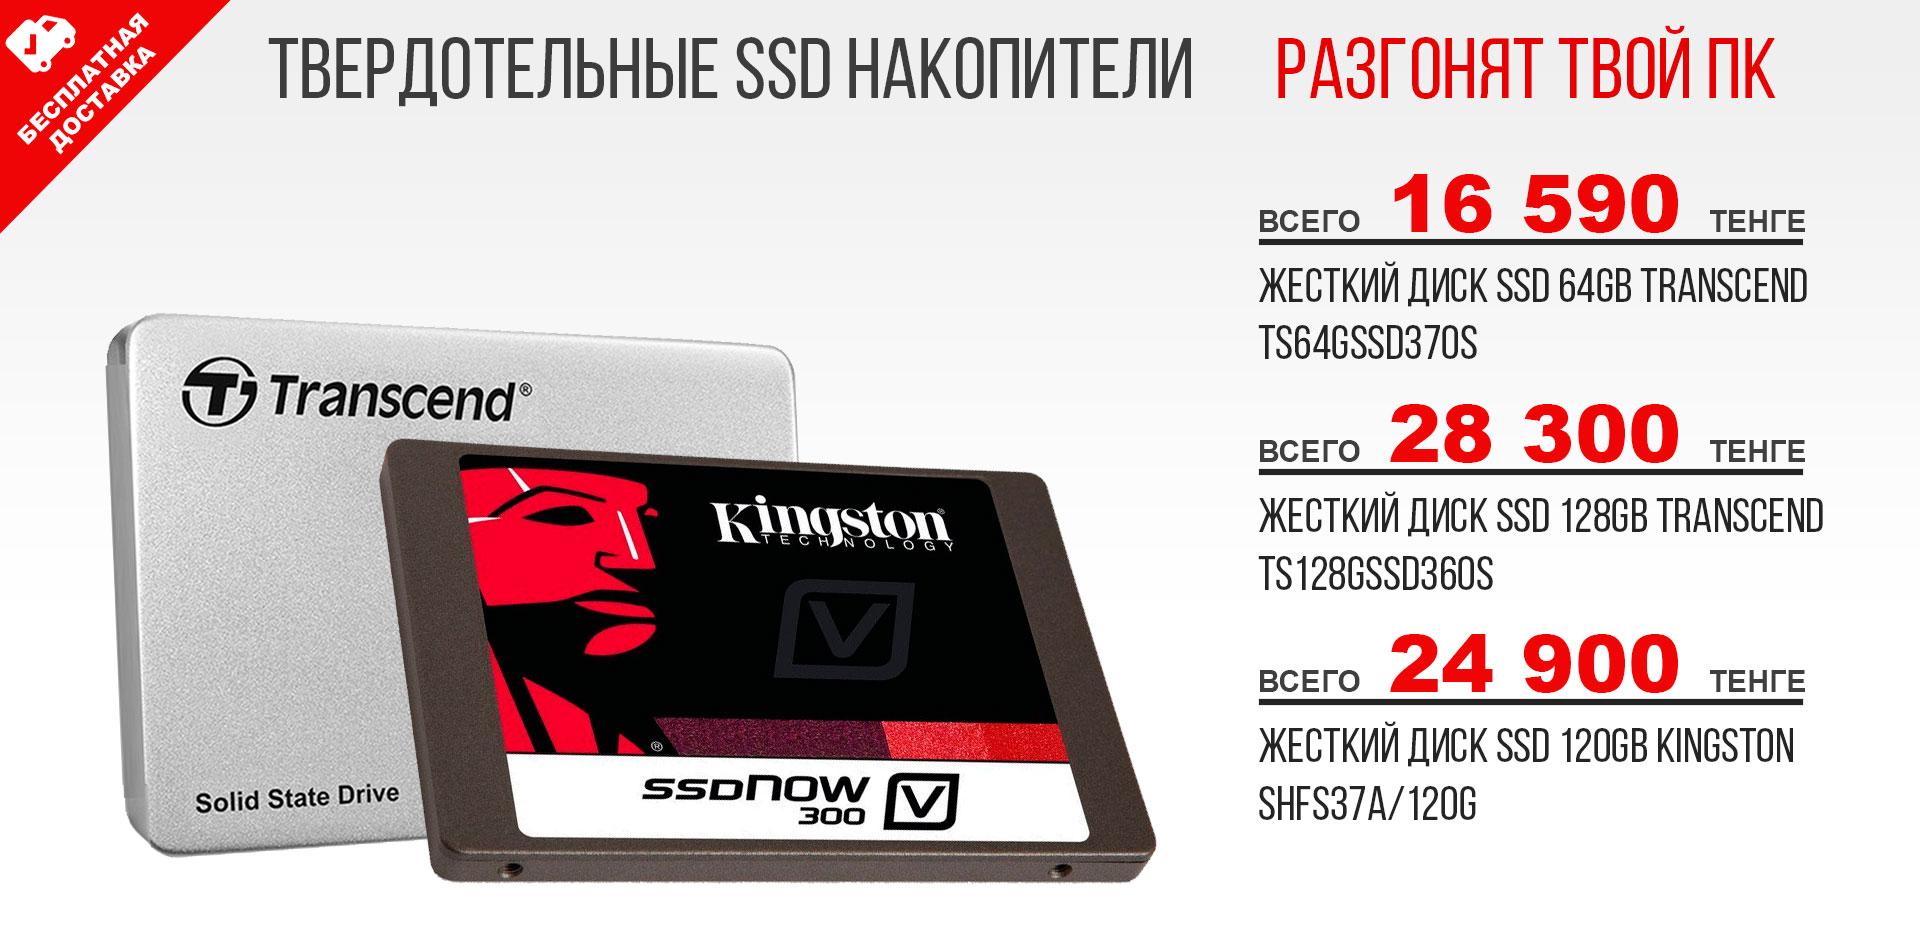 SSD ЖЕСТКИЙ ДИСК КУПИТЬ  В АСТАНЕ